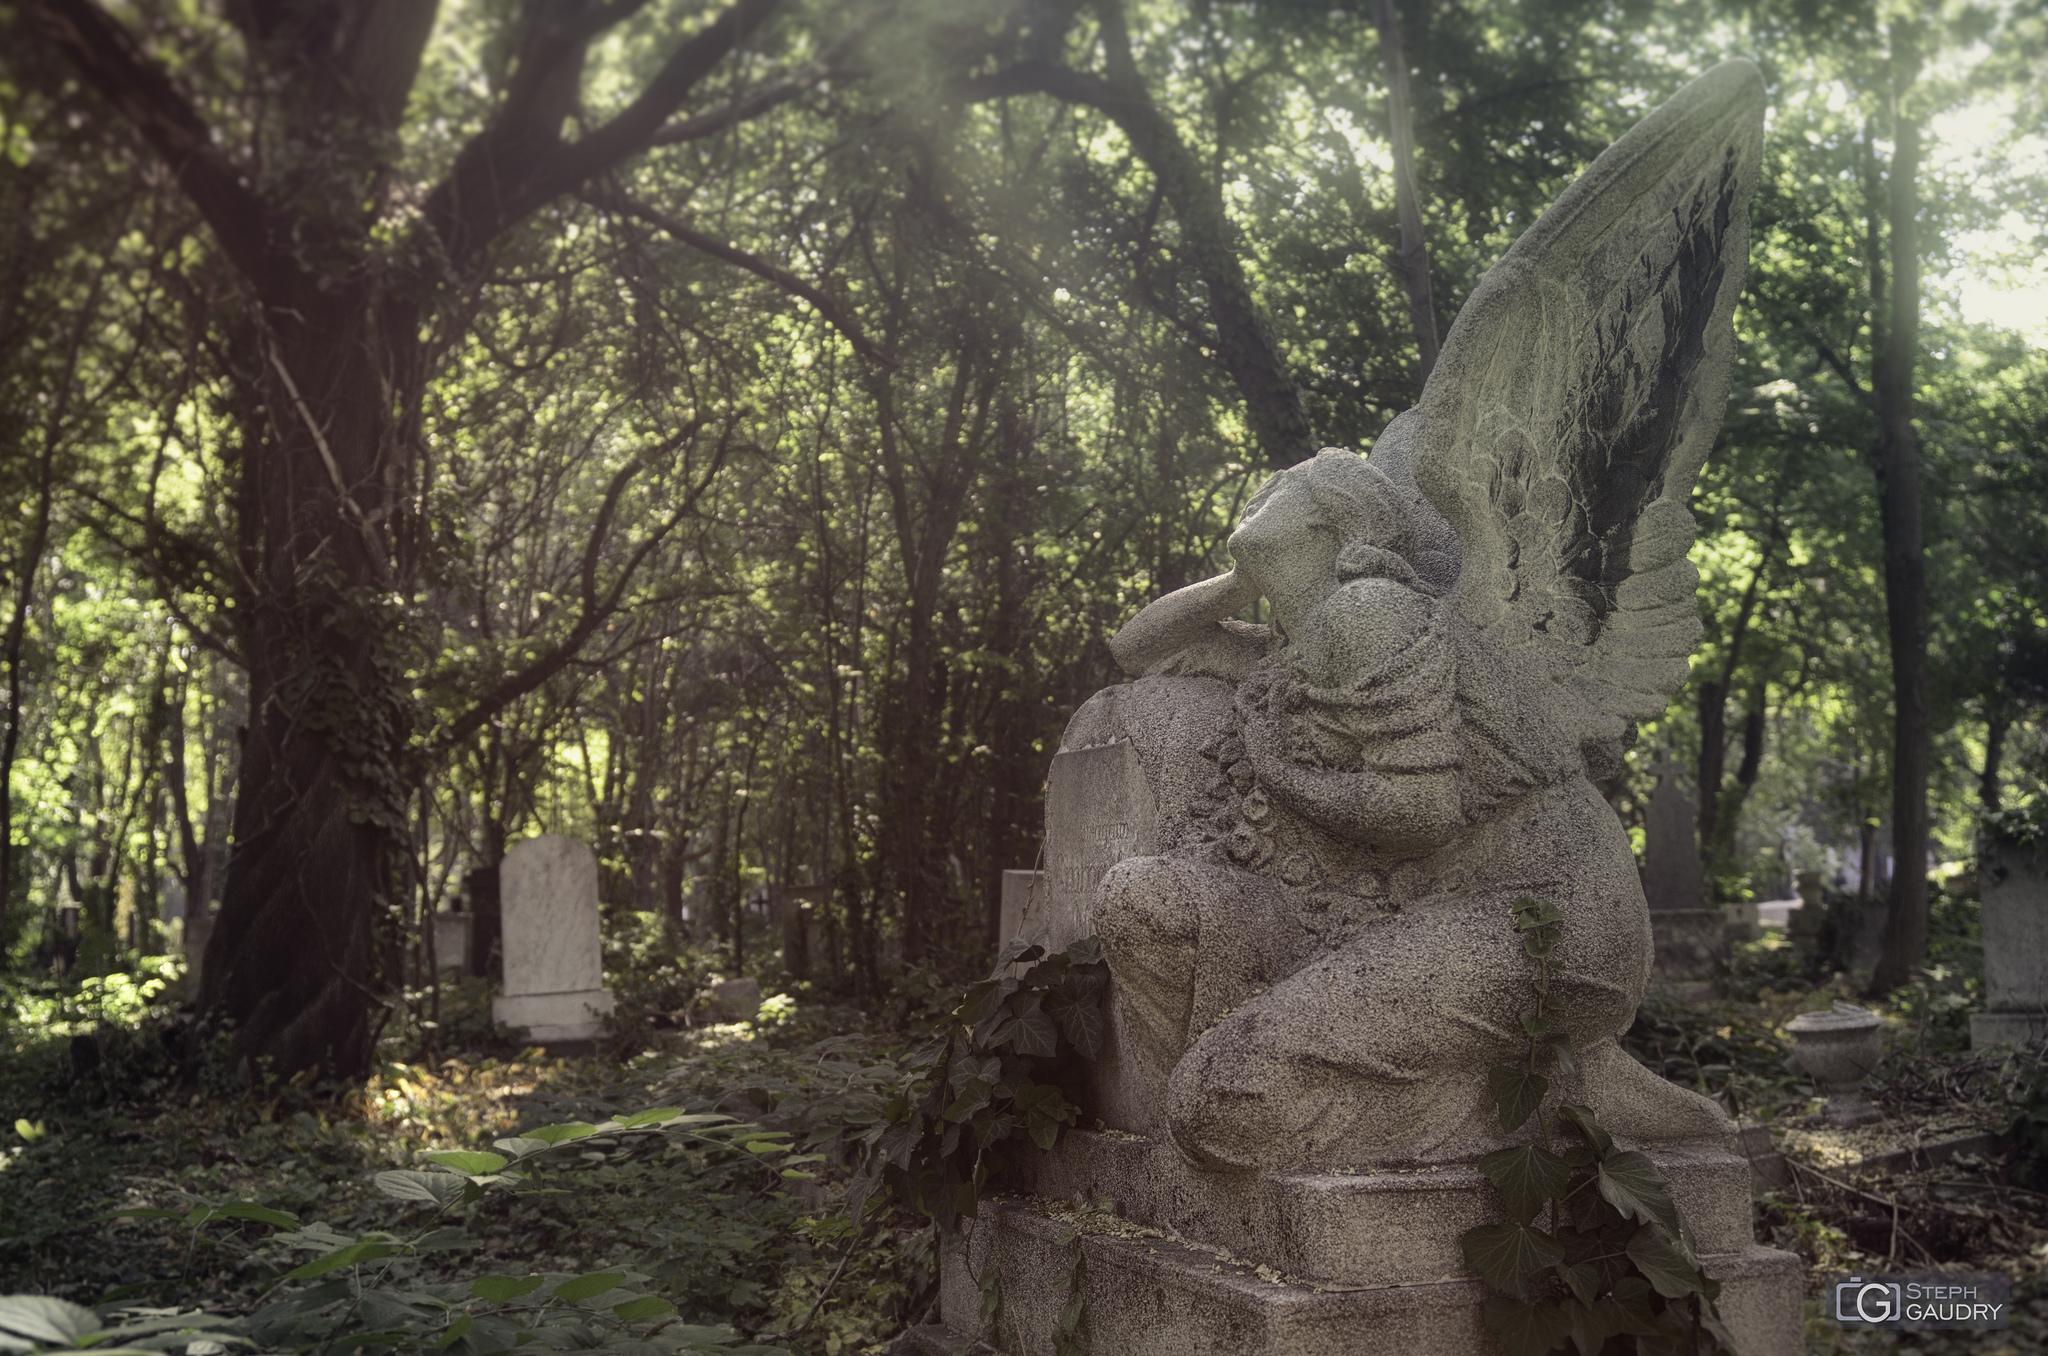 F Cemetery (HUN) - looking around the light [Klik om de diavoorstelling te starten]